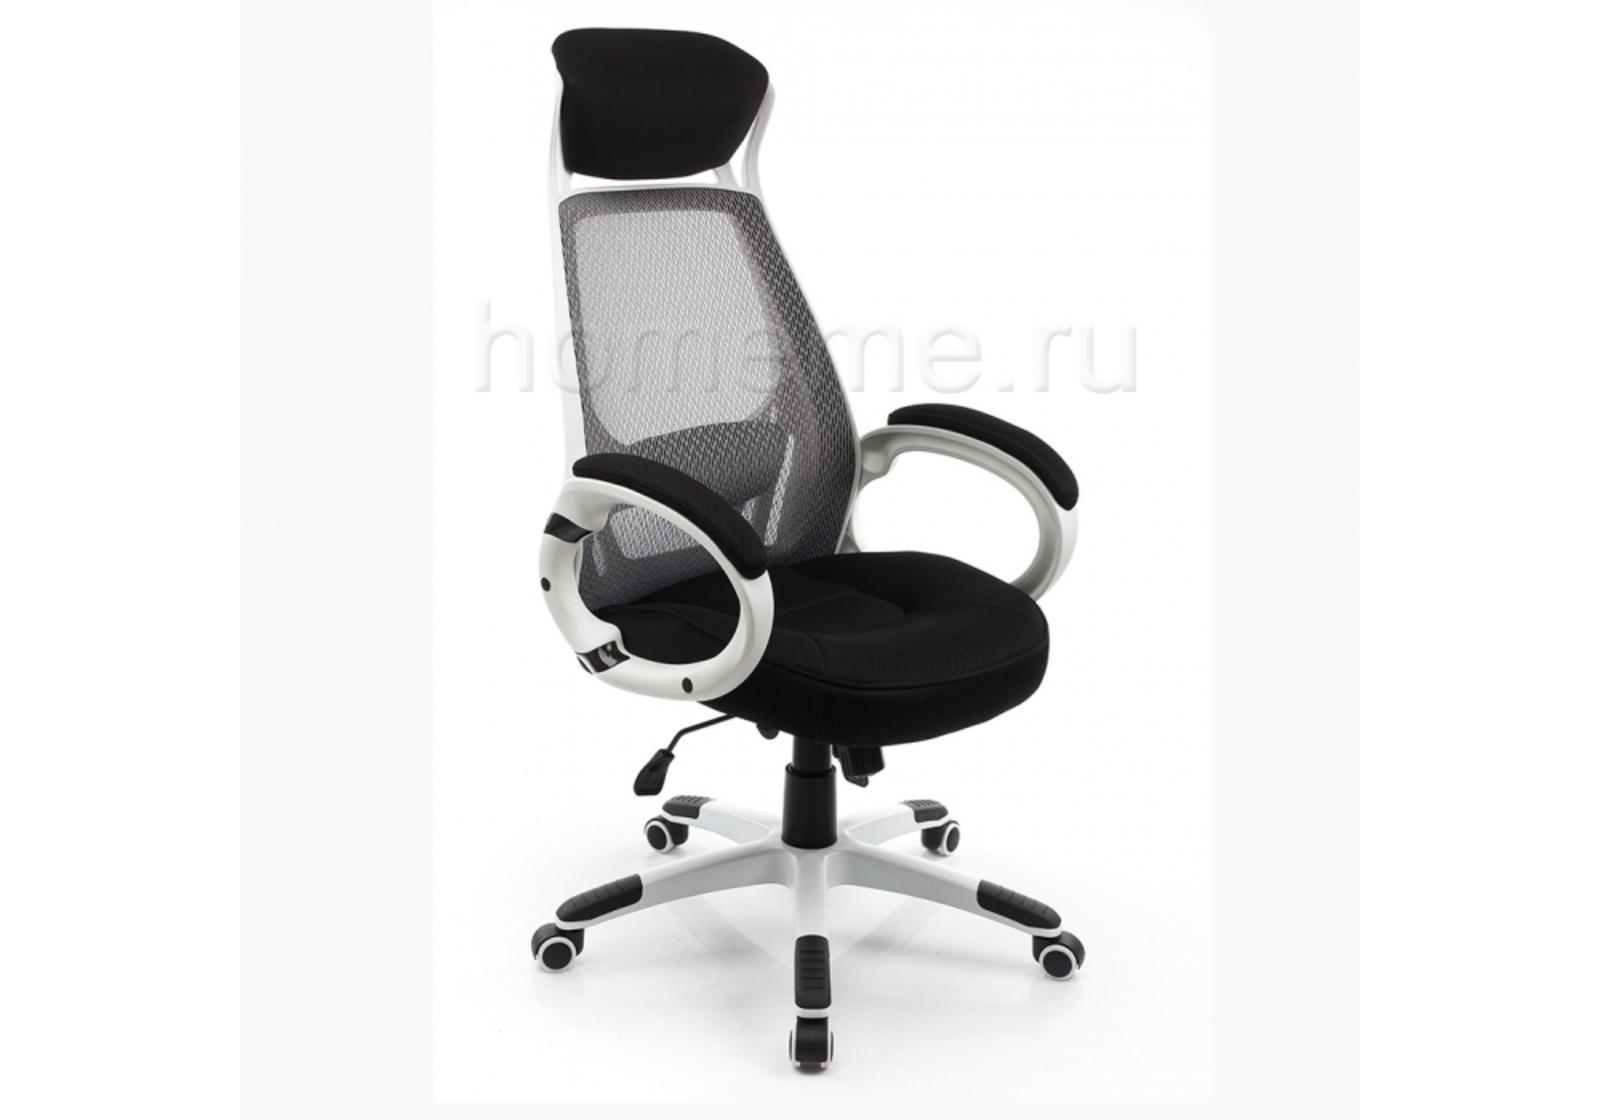 Кресло для офиса HomeMe Burgos белое 1714 от Homeme.ru